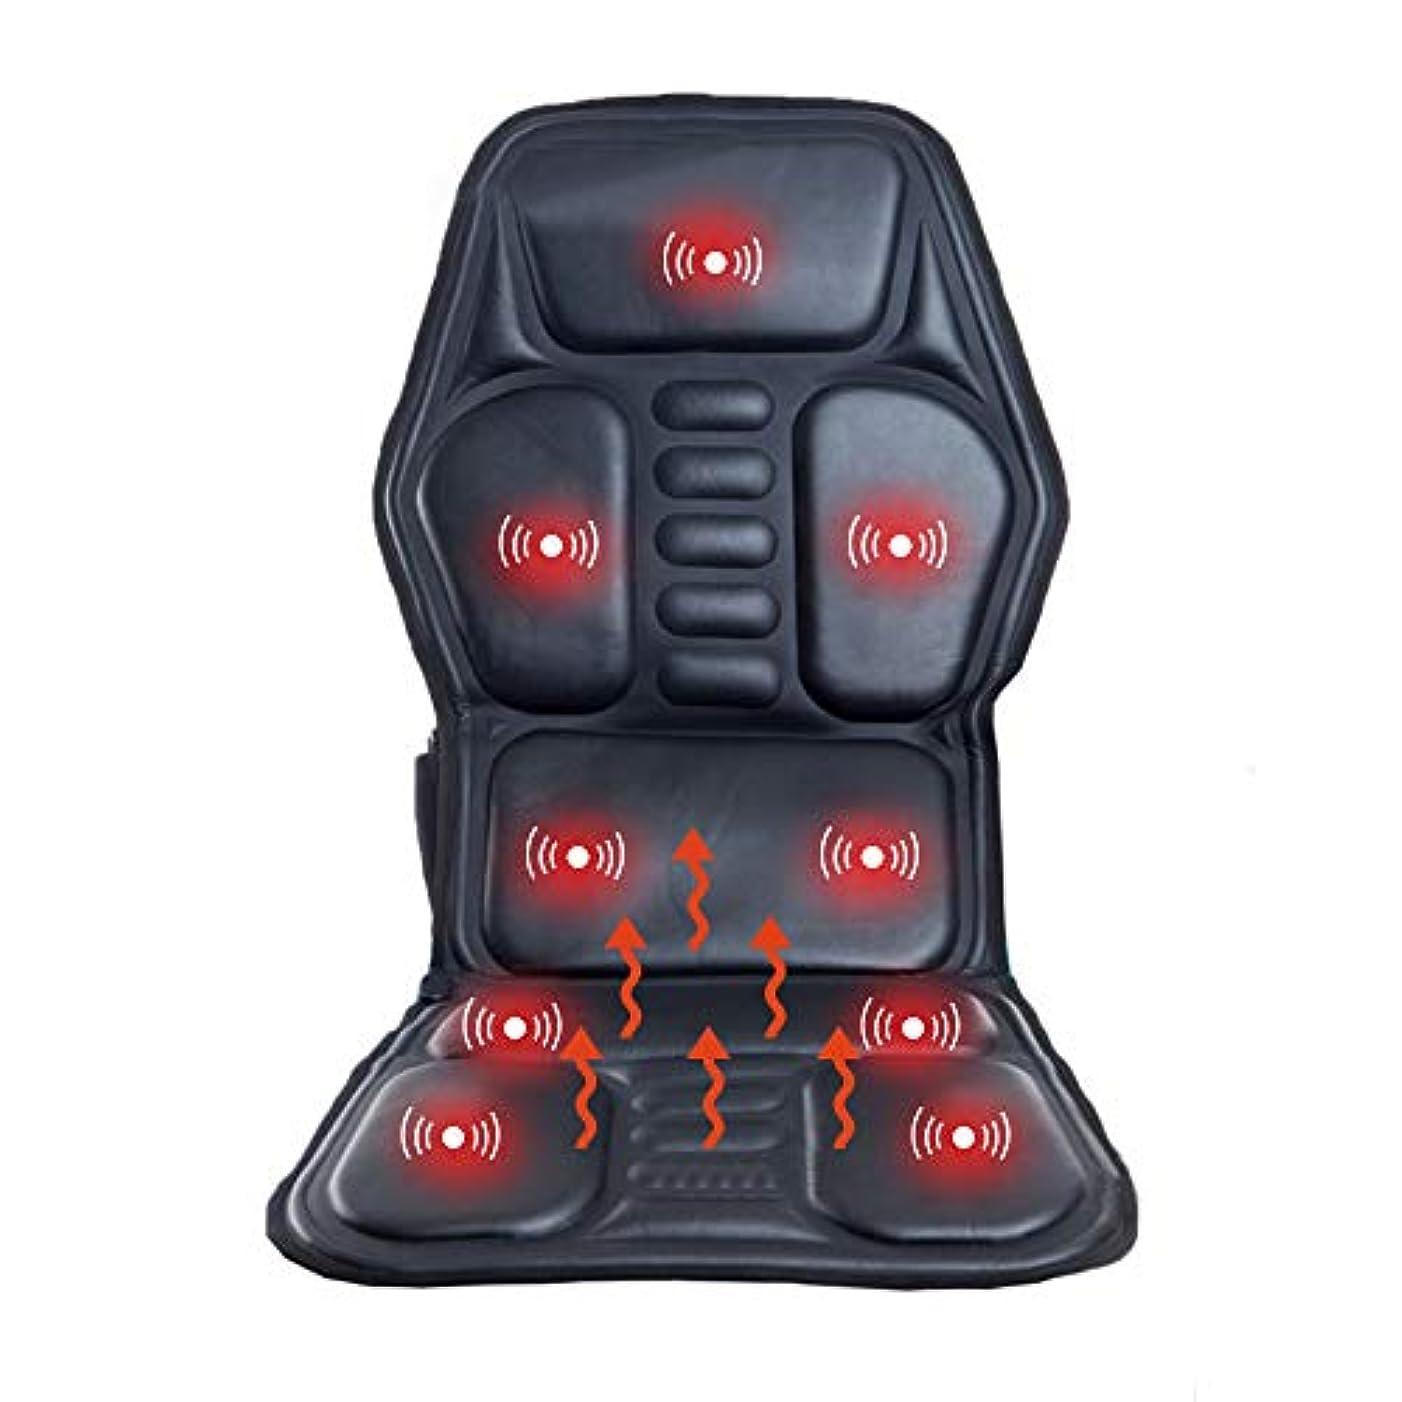 不安定な偽統治するカーシートバックマッサージャー 9モーター振動 ヒートチェアパッド 8つのモード 車のホームオフィスチェアのための